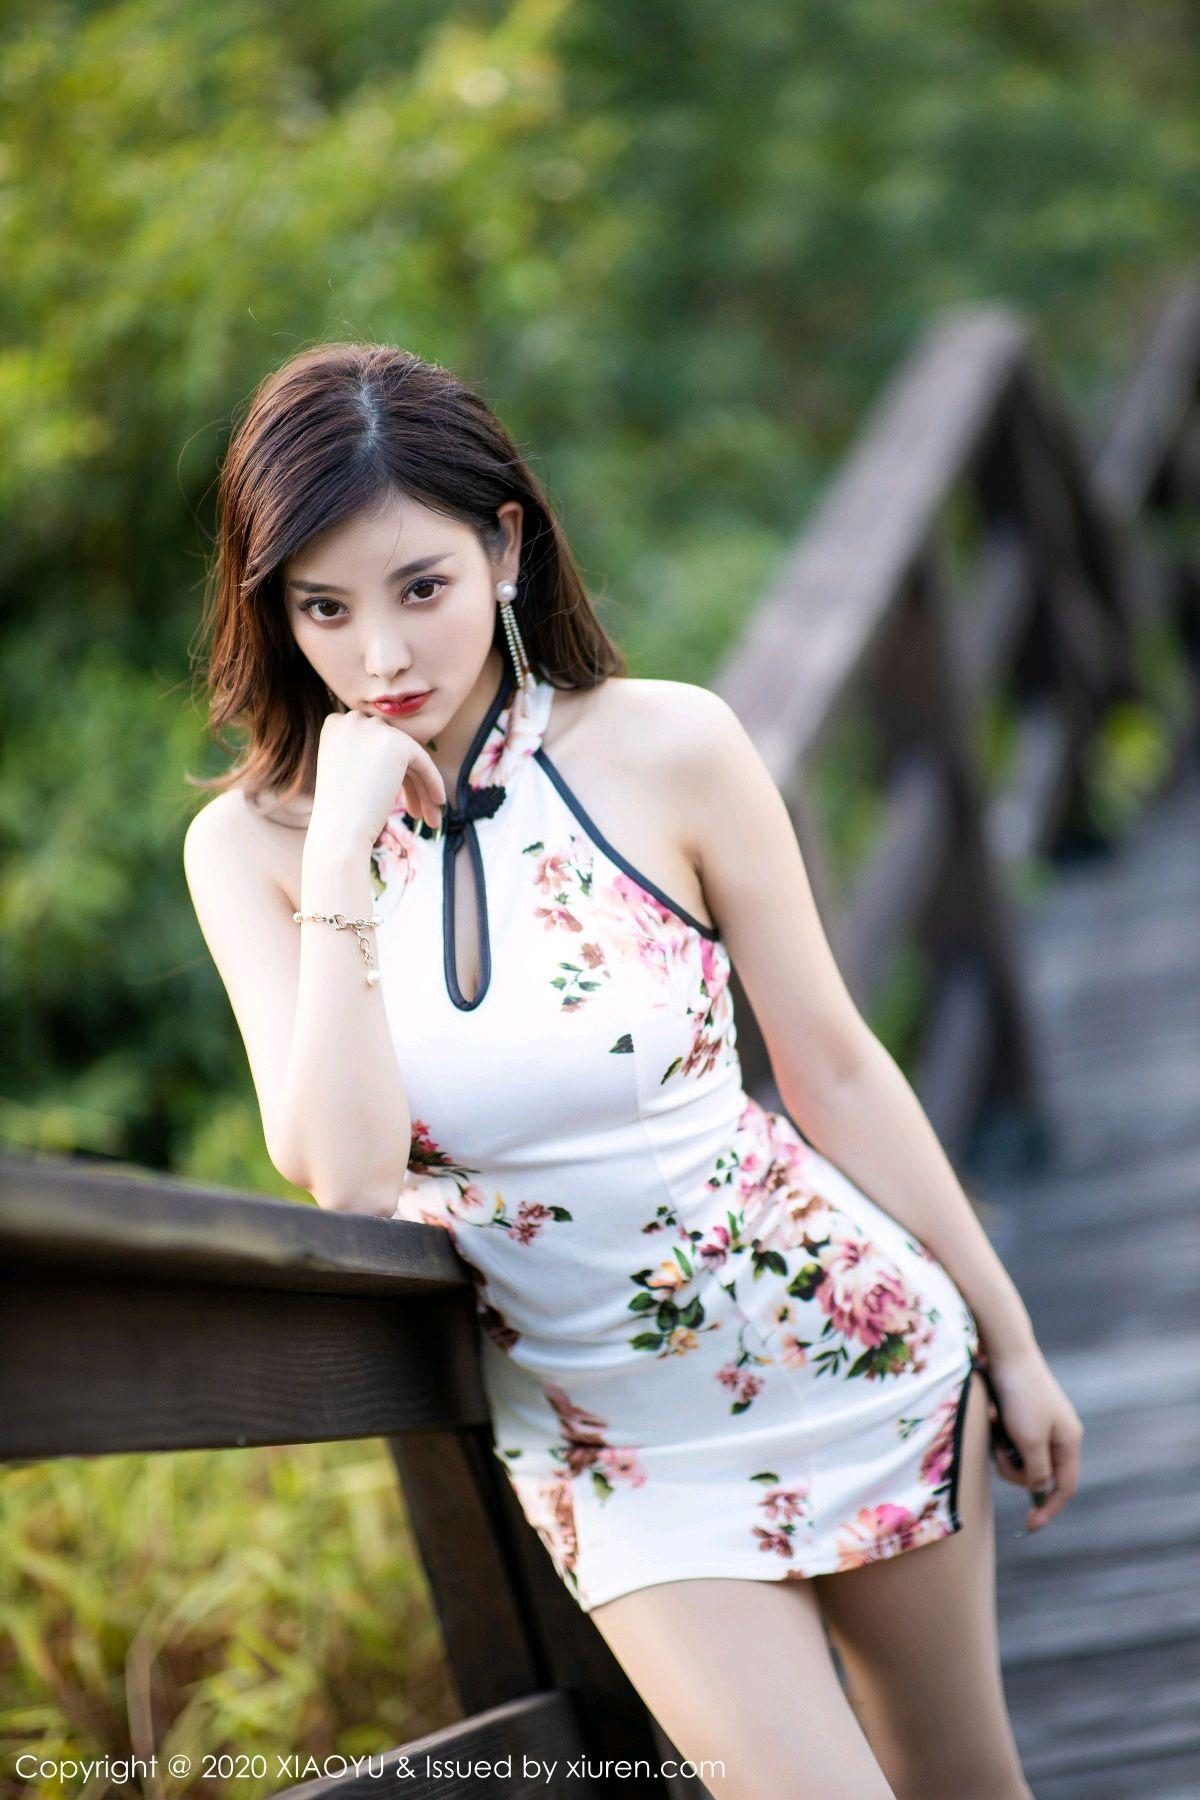 [XiaoYu] Vol.233 Yang Chen Chen 86P, Cheongsam, Foot, XiaoYu, Yang Chen Chen